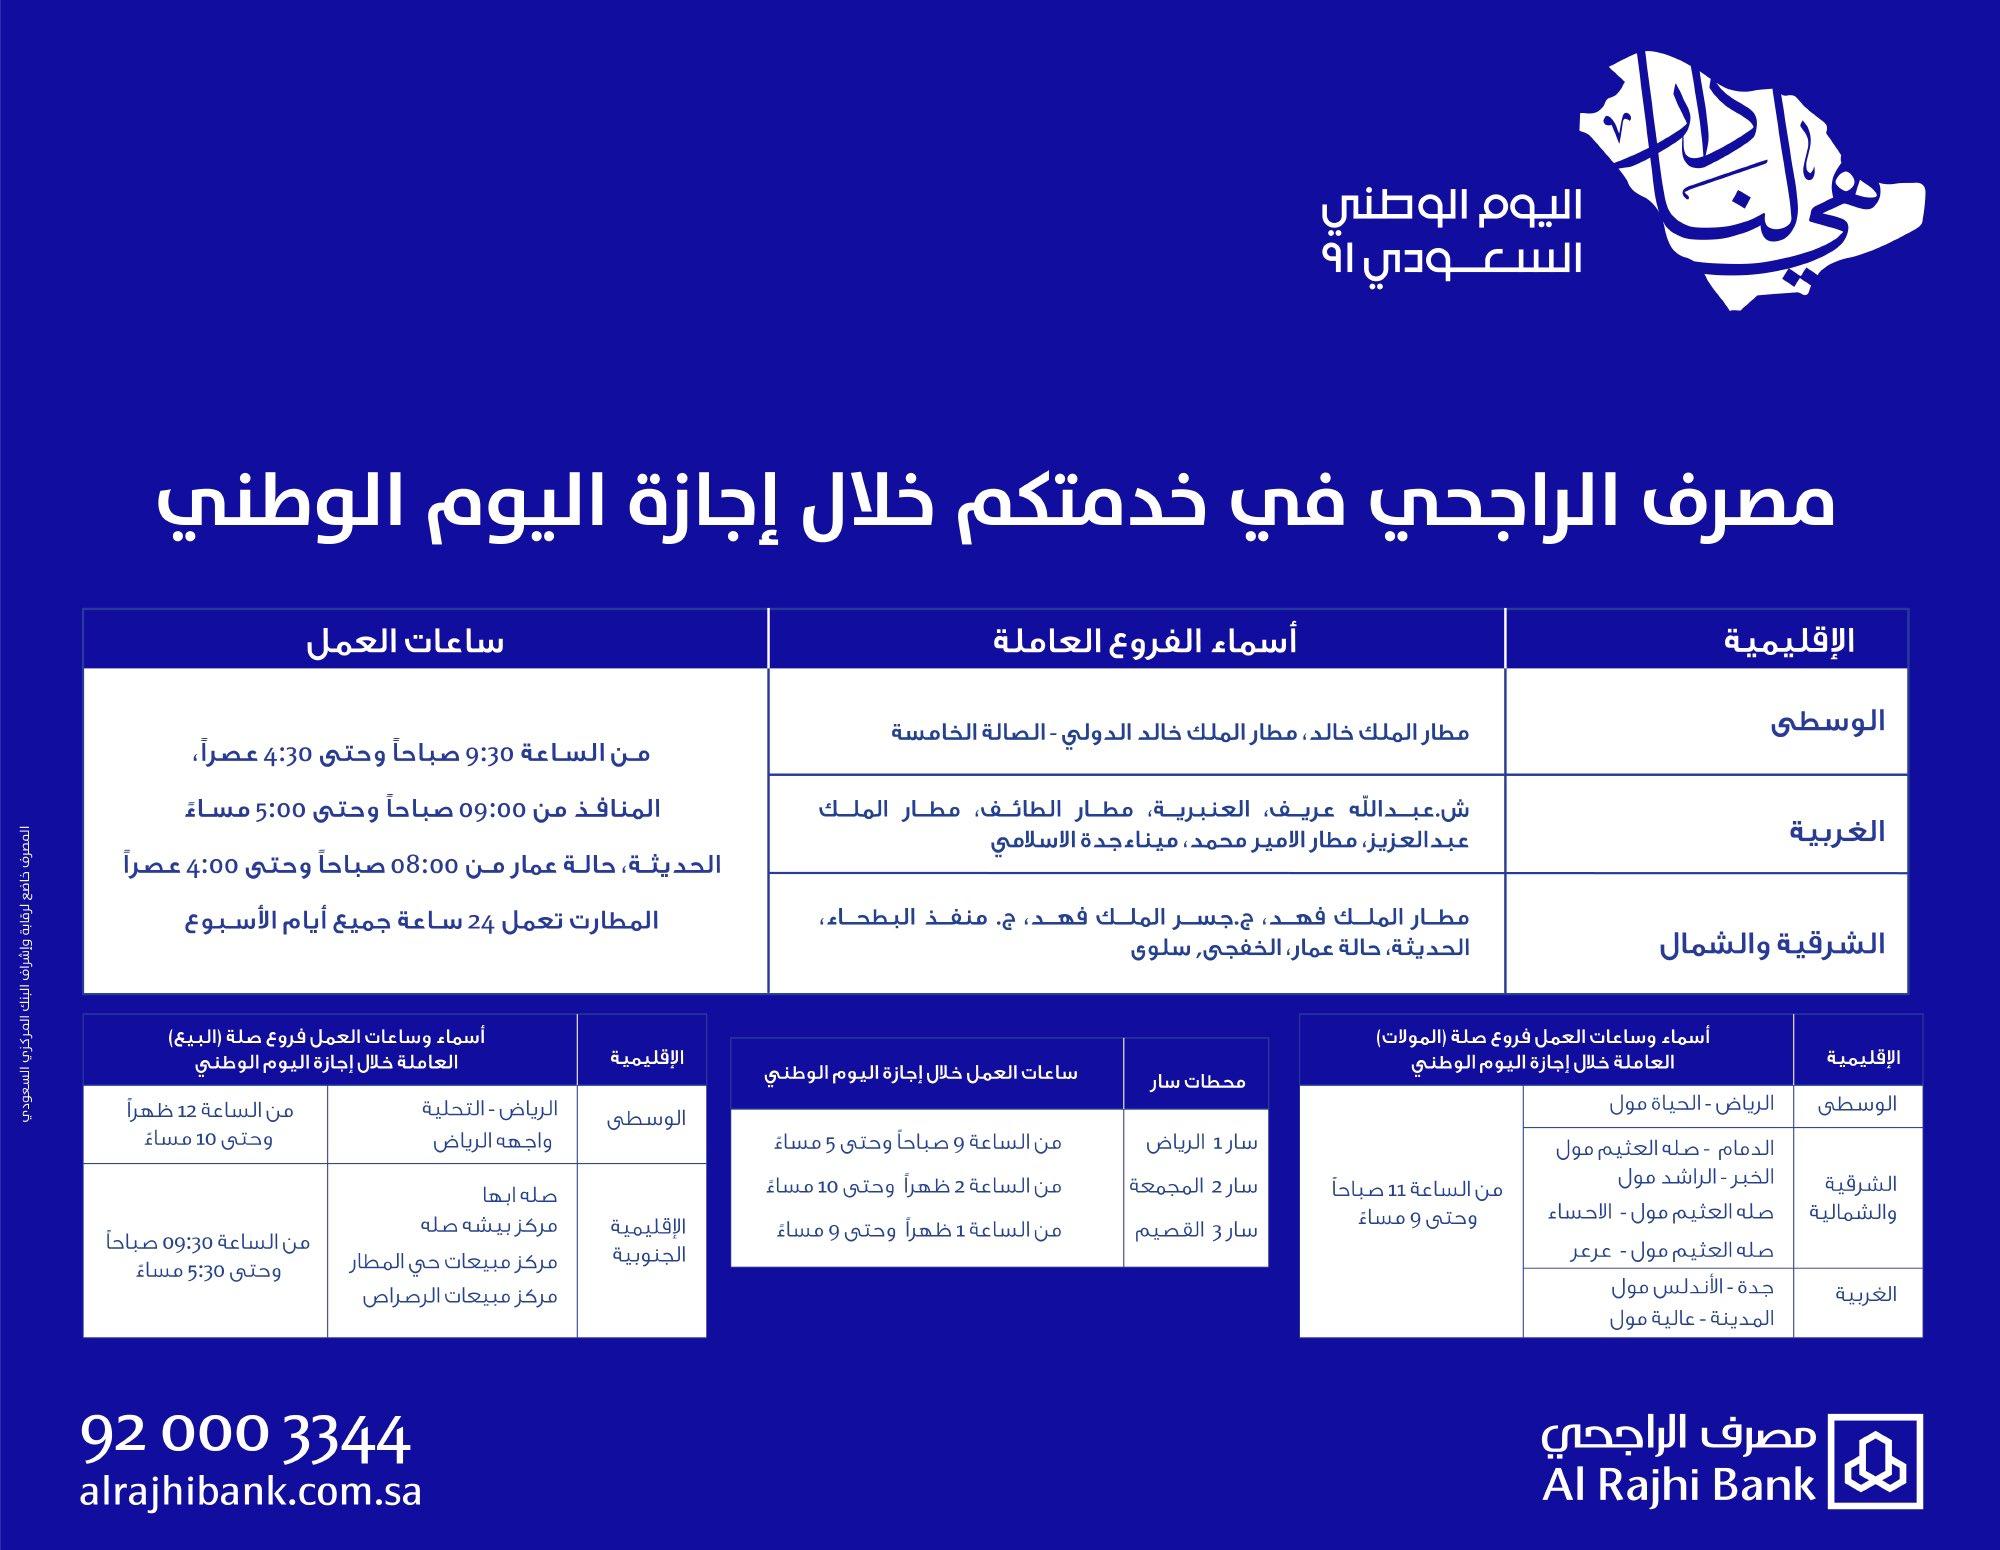 مواعيد دوام الراجحي اليوم الوطني السعودي 91